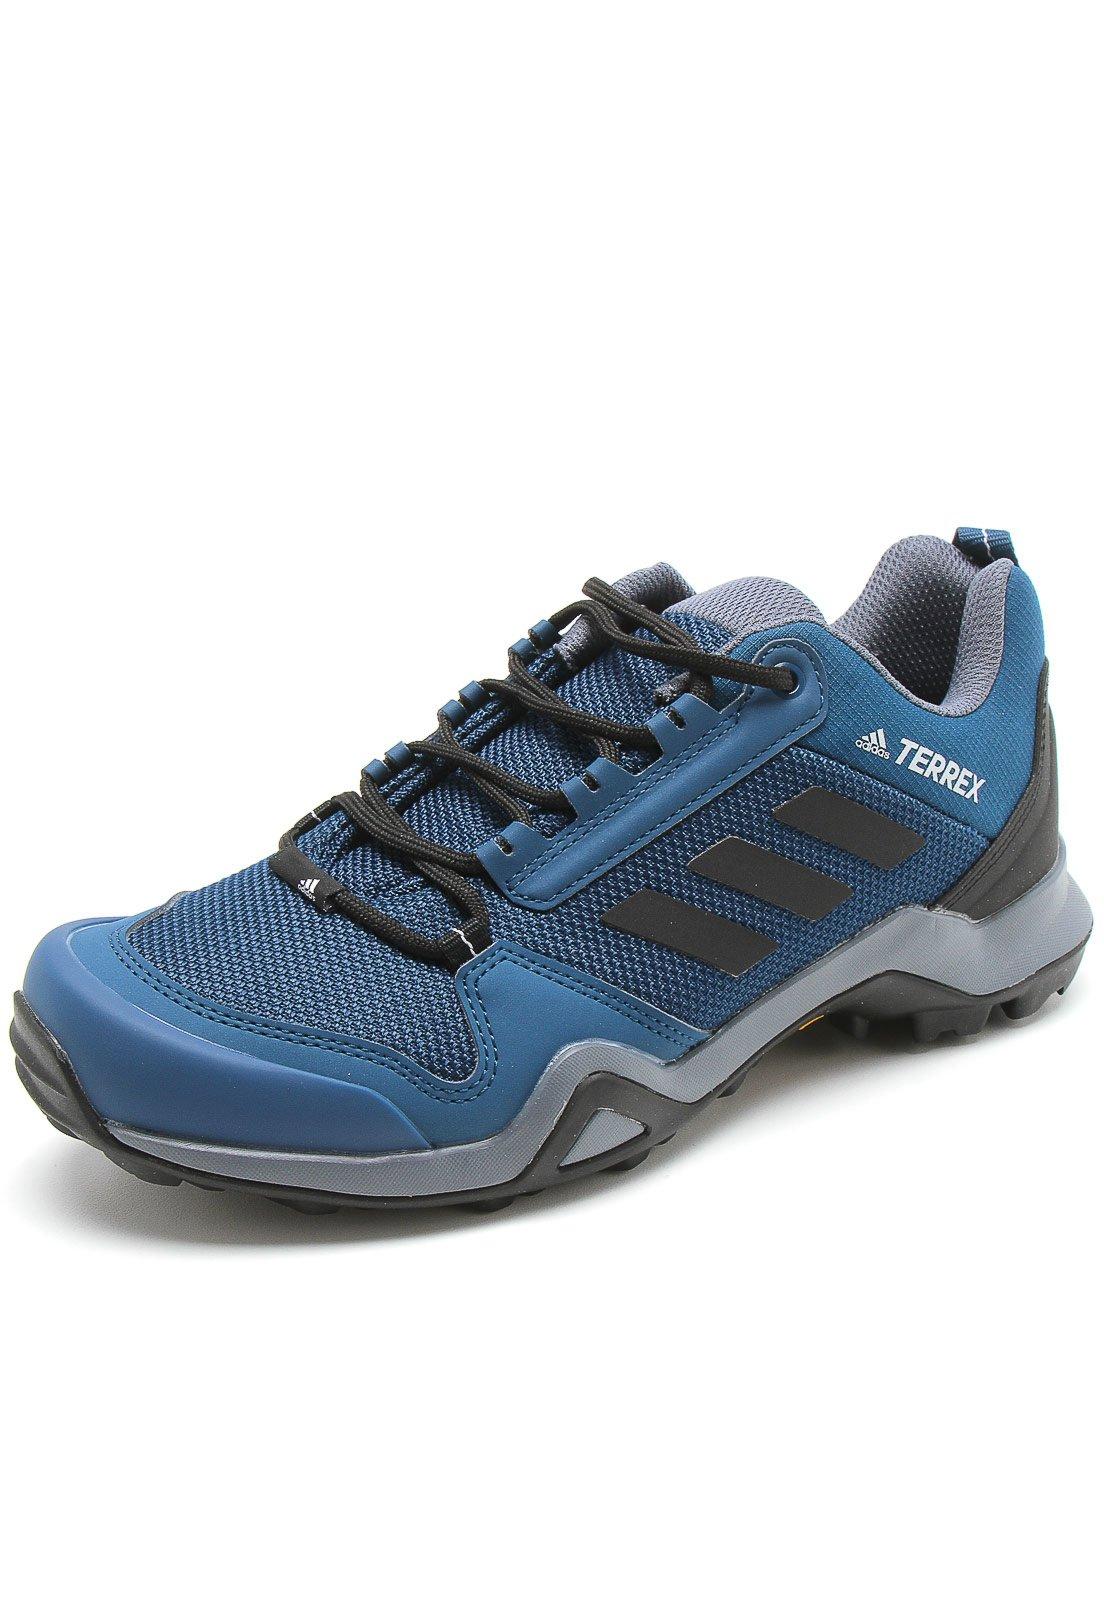 Tênis adidas Terrex Ax3 Azul